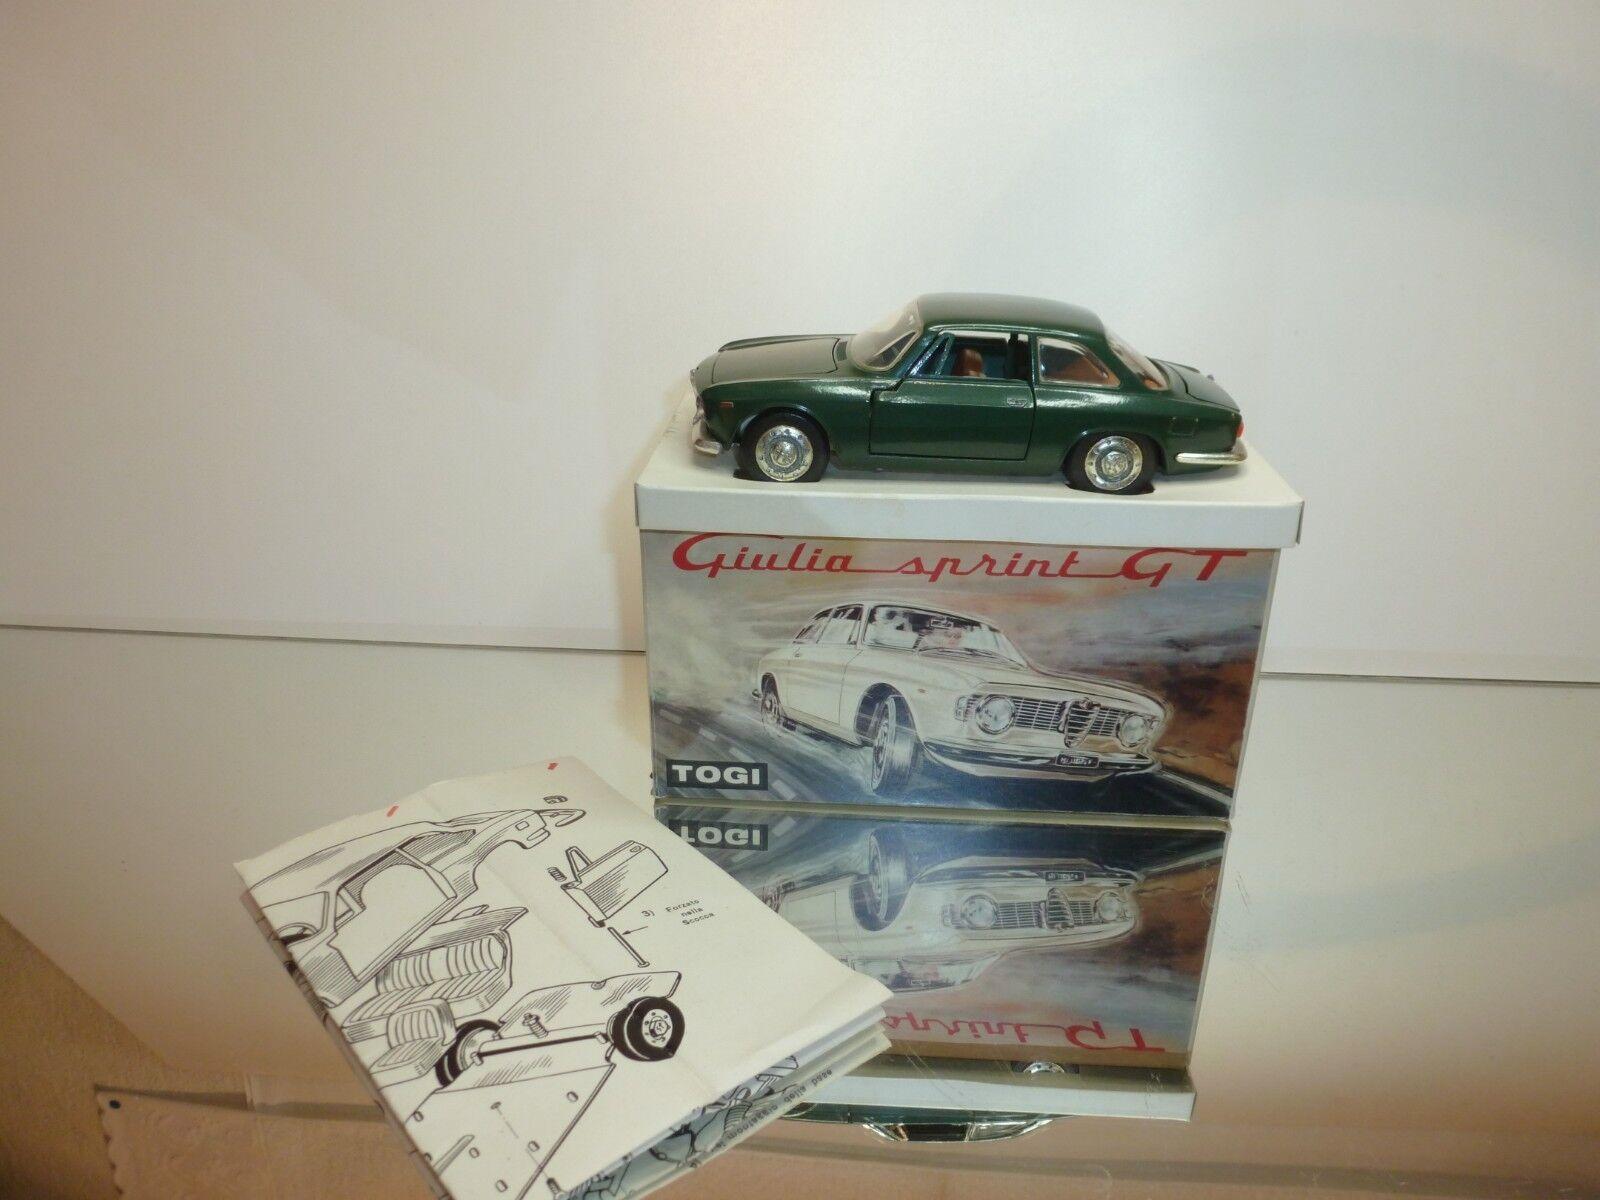 TOGI 8 65 ALFA ROMEO GIULIA SPRINT GT - GREEN METALLIC 1 23 - VERY GOOD IN BOX